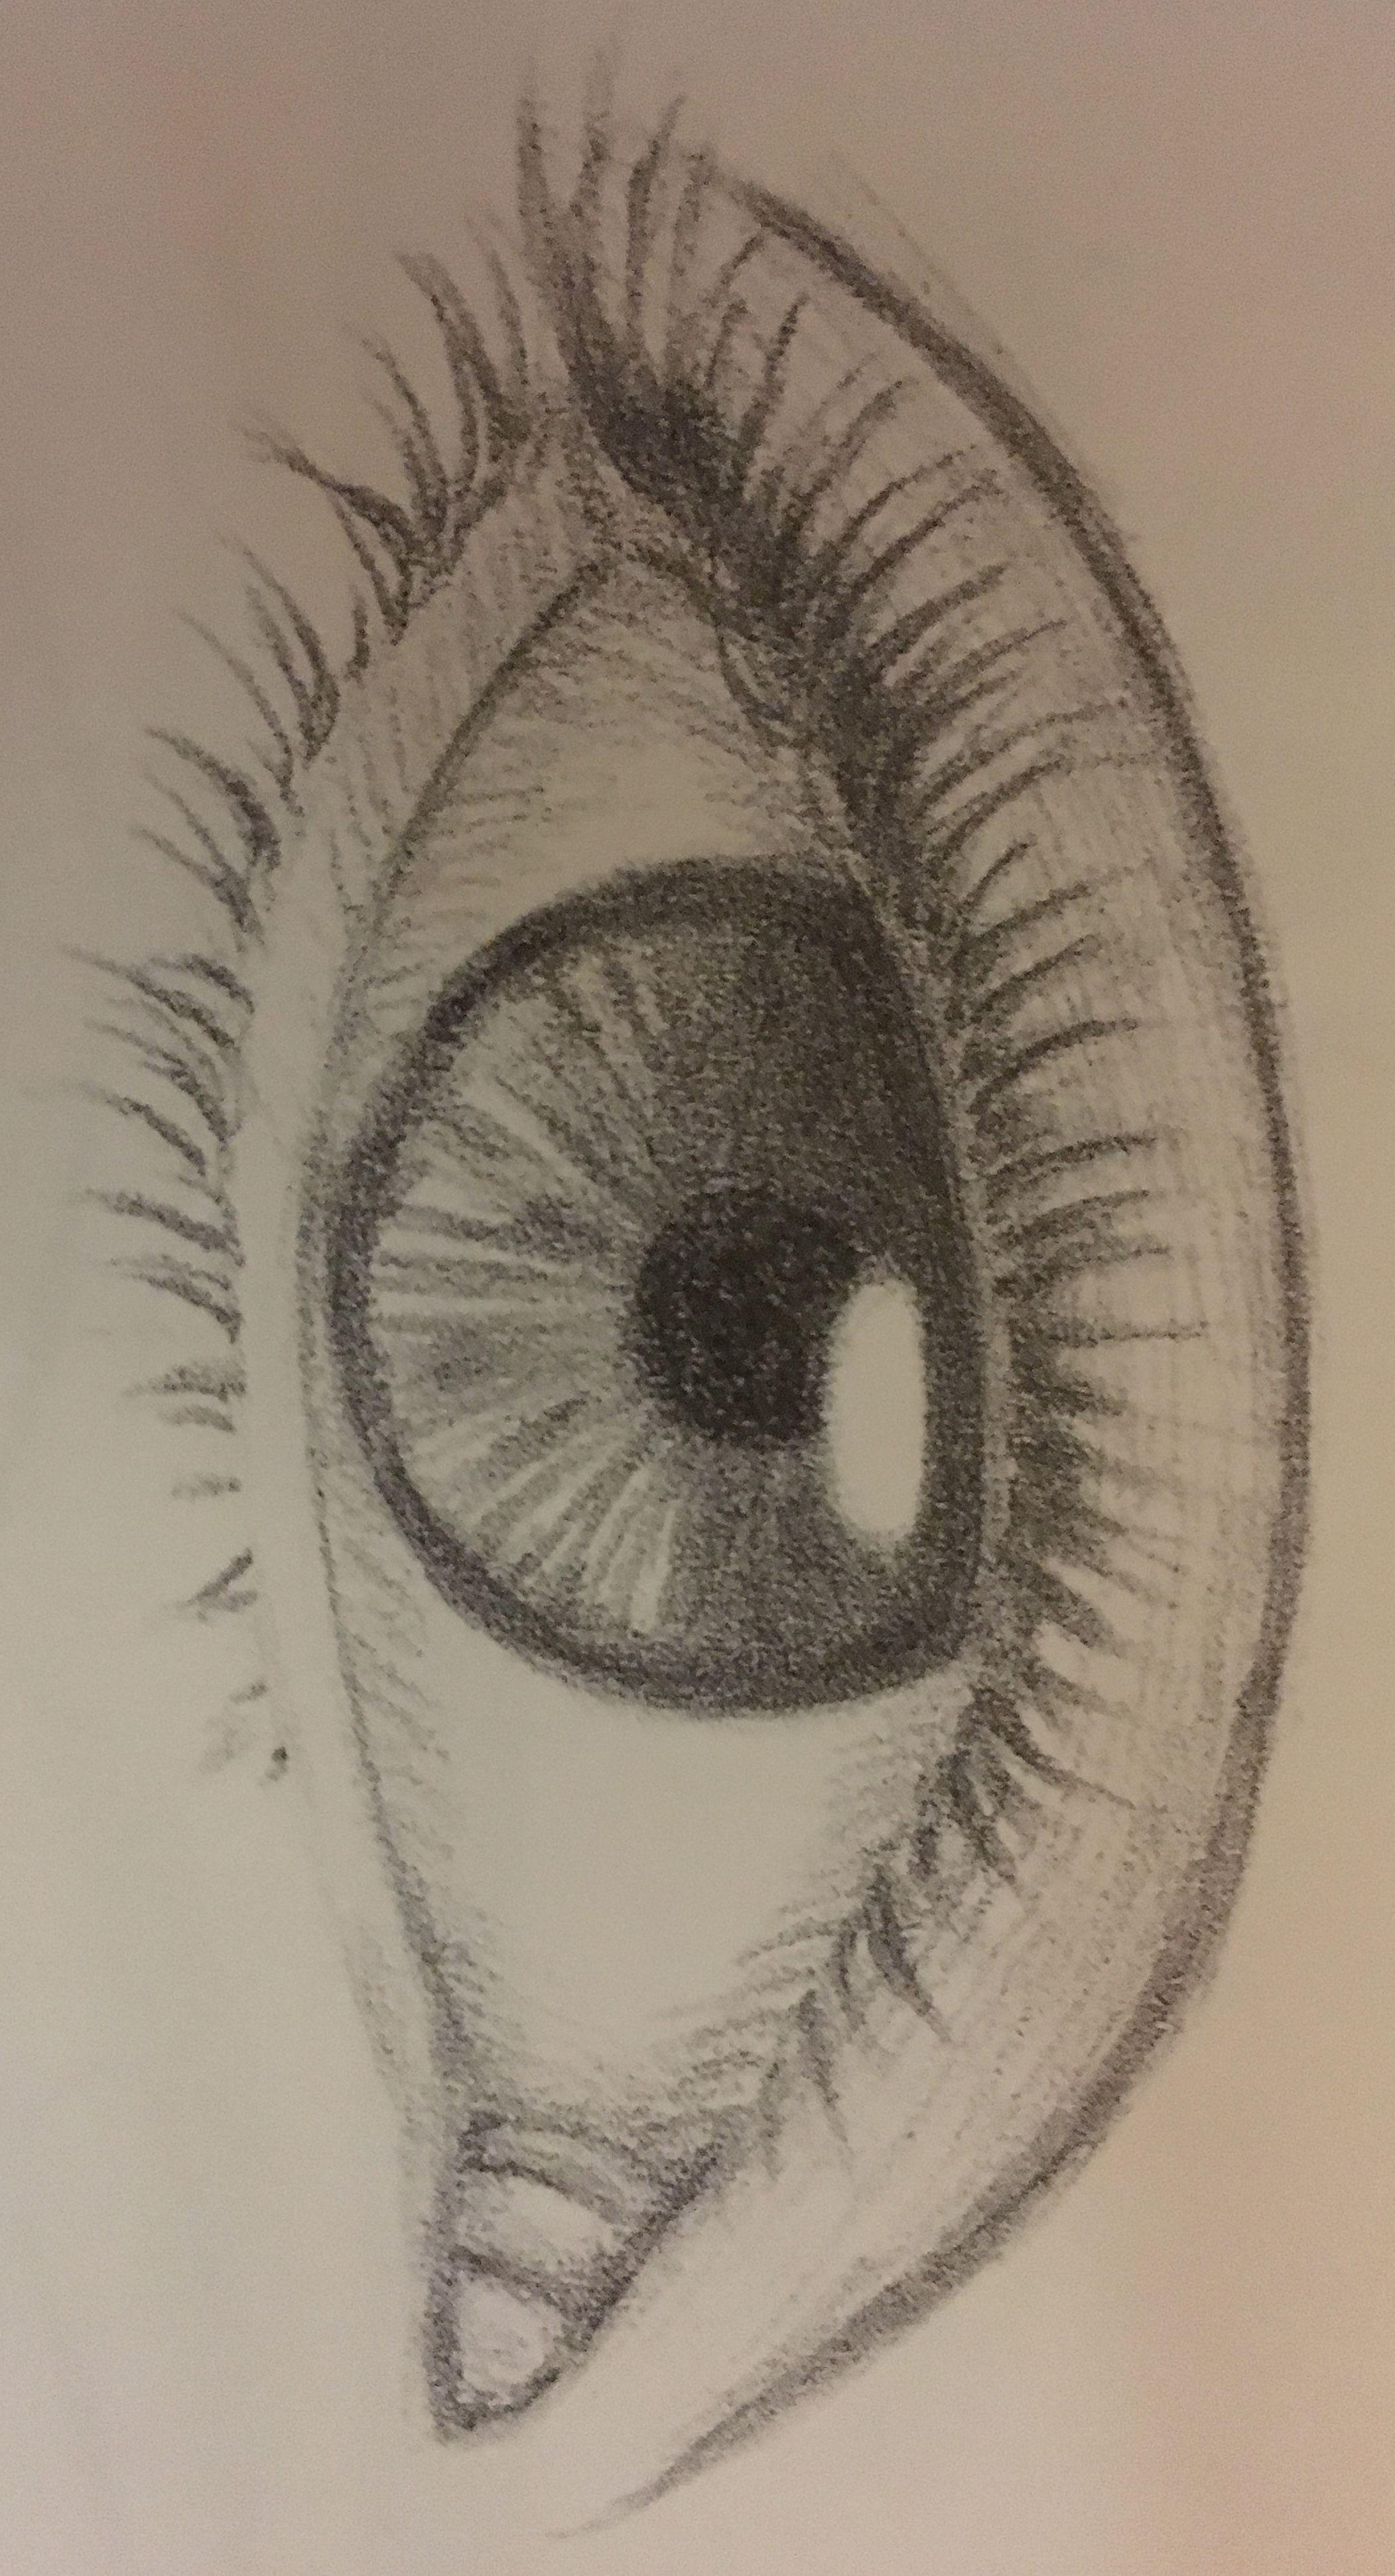 Realisticeye Nel 2020 Disegno Occhi Tutorial Per Disegnare Gli Occhi Come Disegnare Gli Occhi